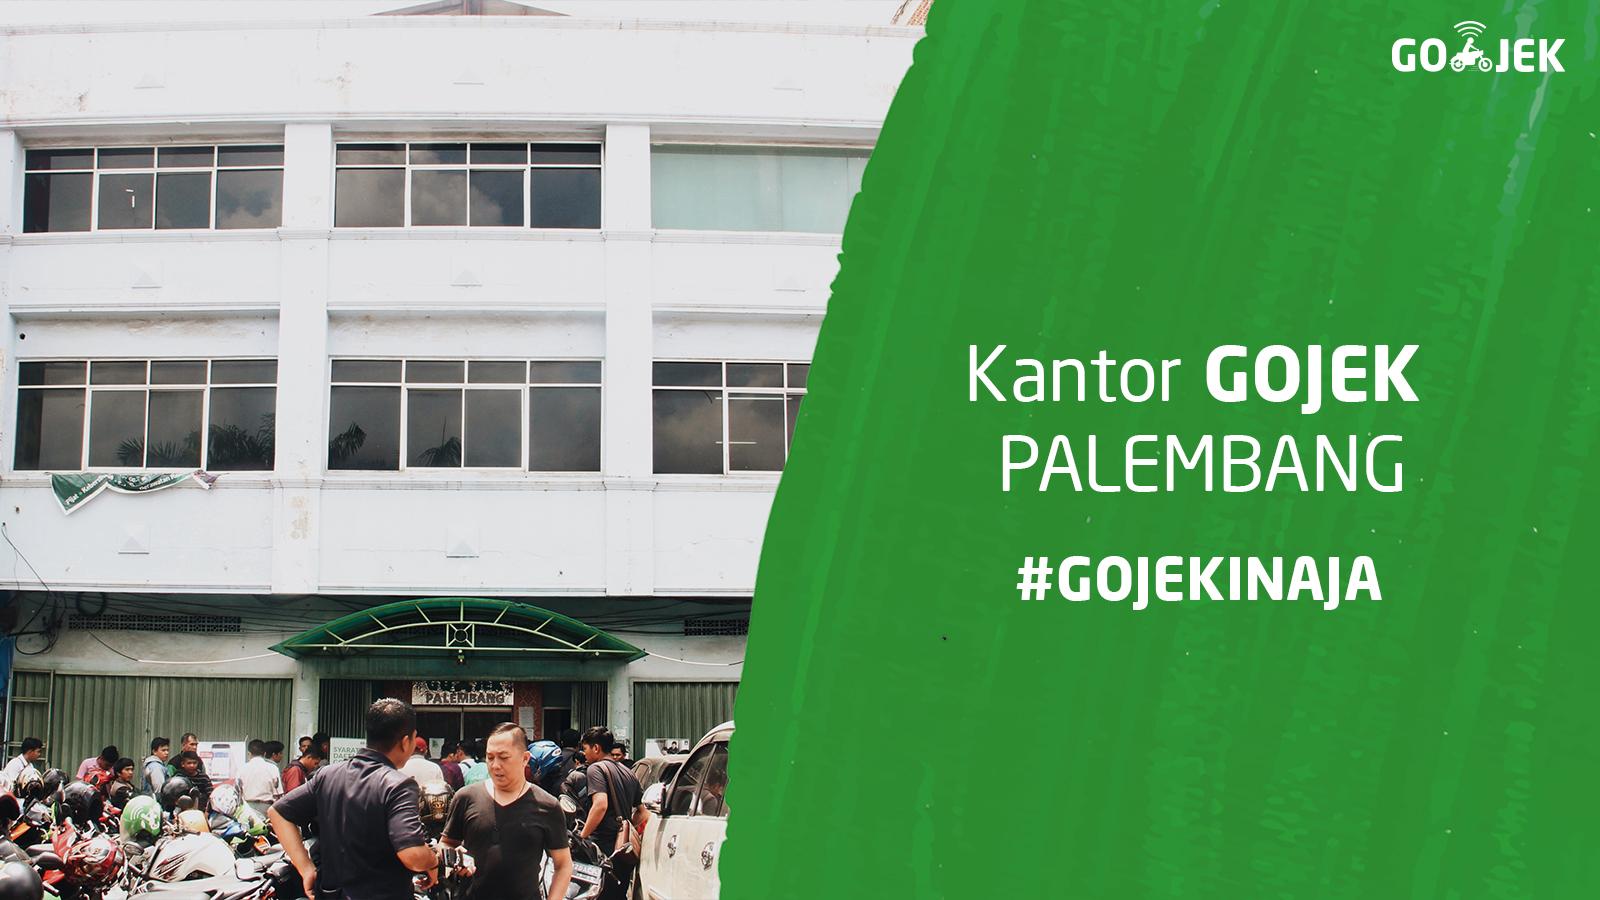 Gojek Palembang